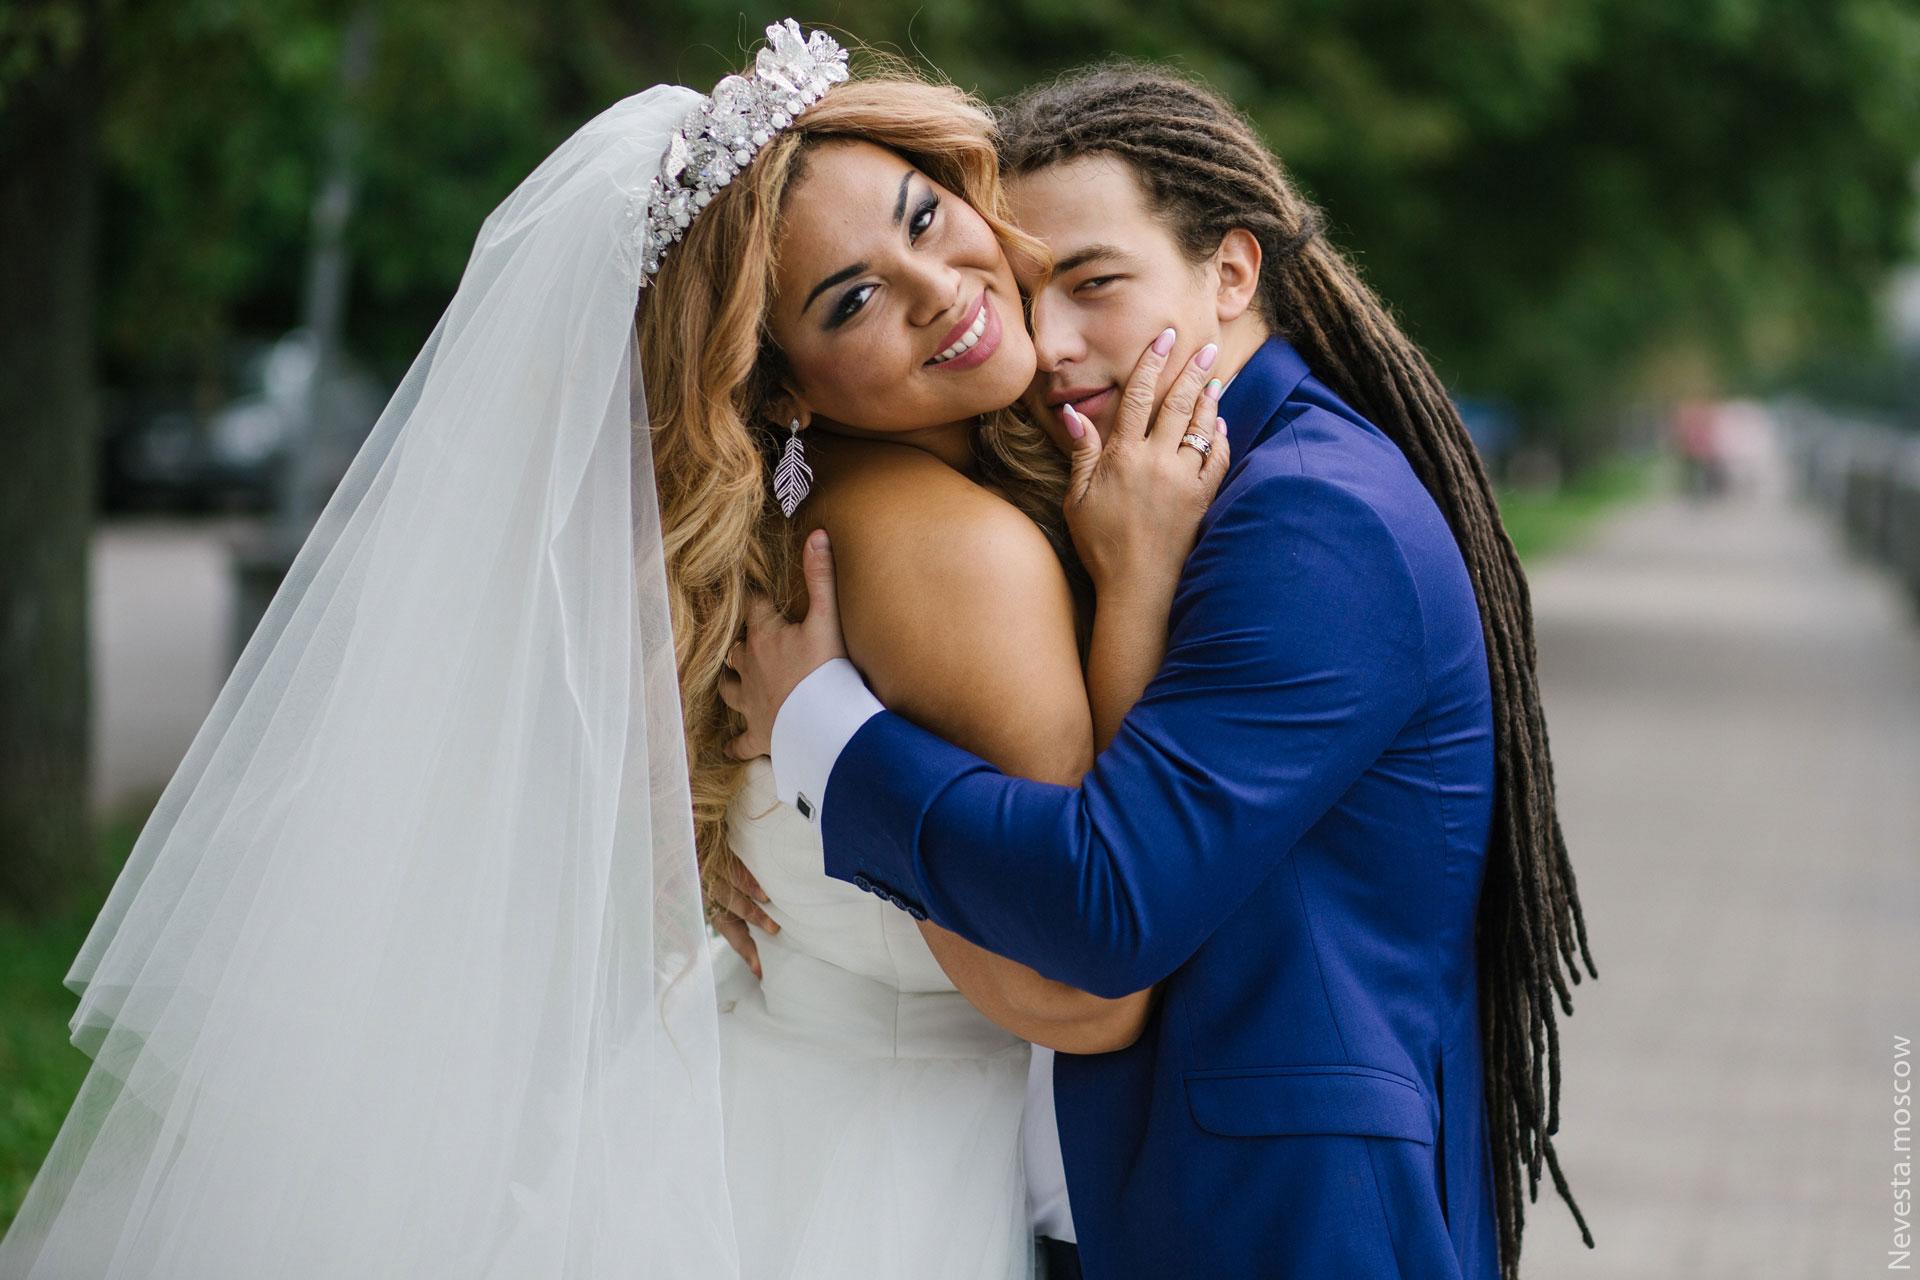 матка встречается корнелия манго фото свадьбы сложная задача, ведь